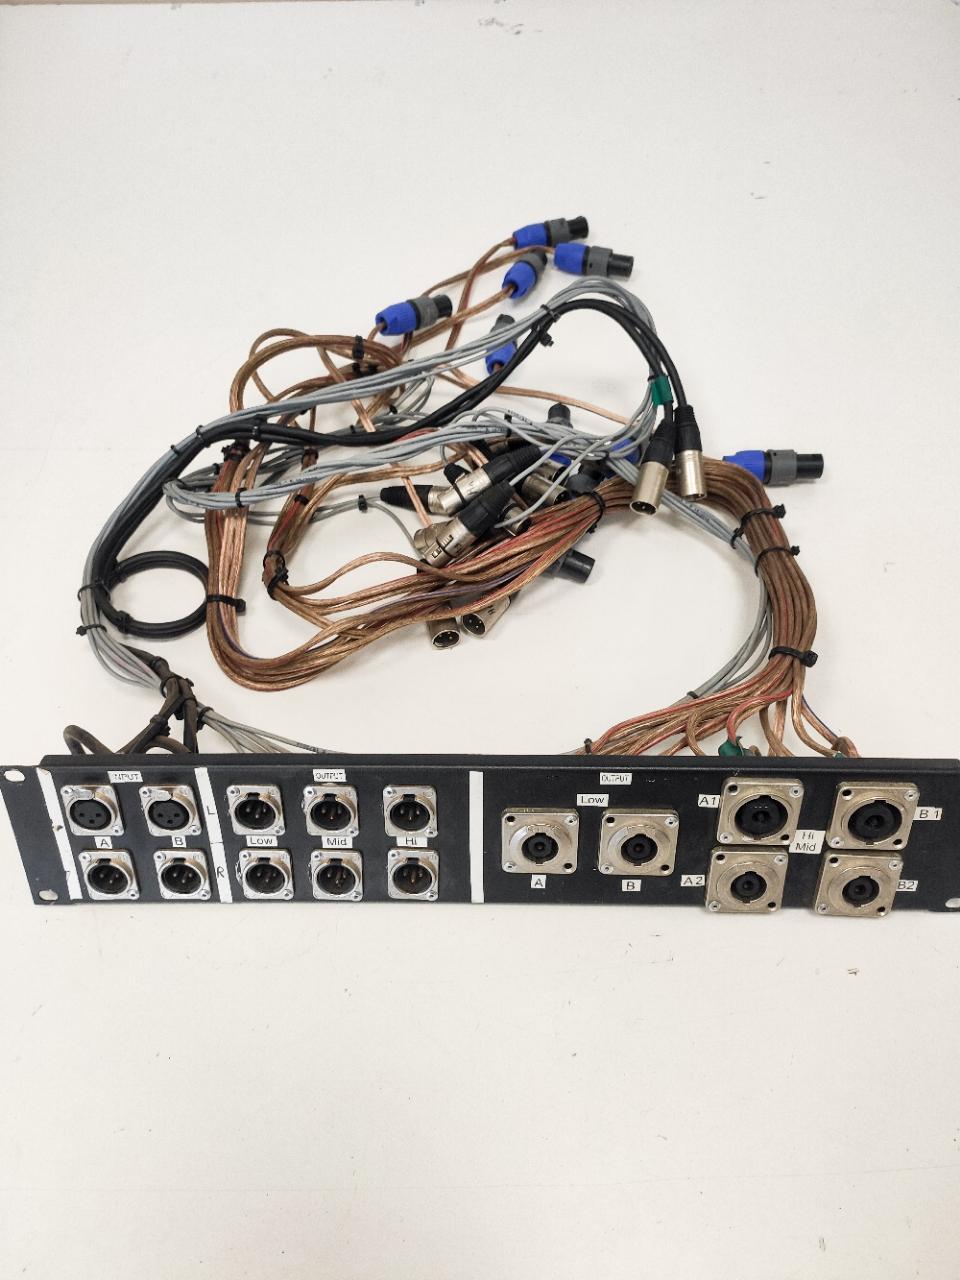 I/O panel for amprack 2U